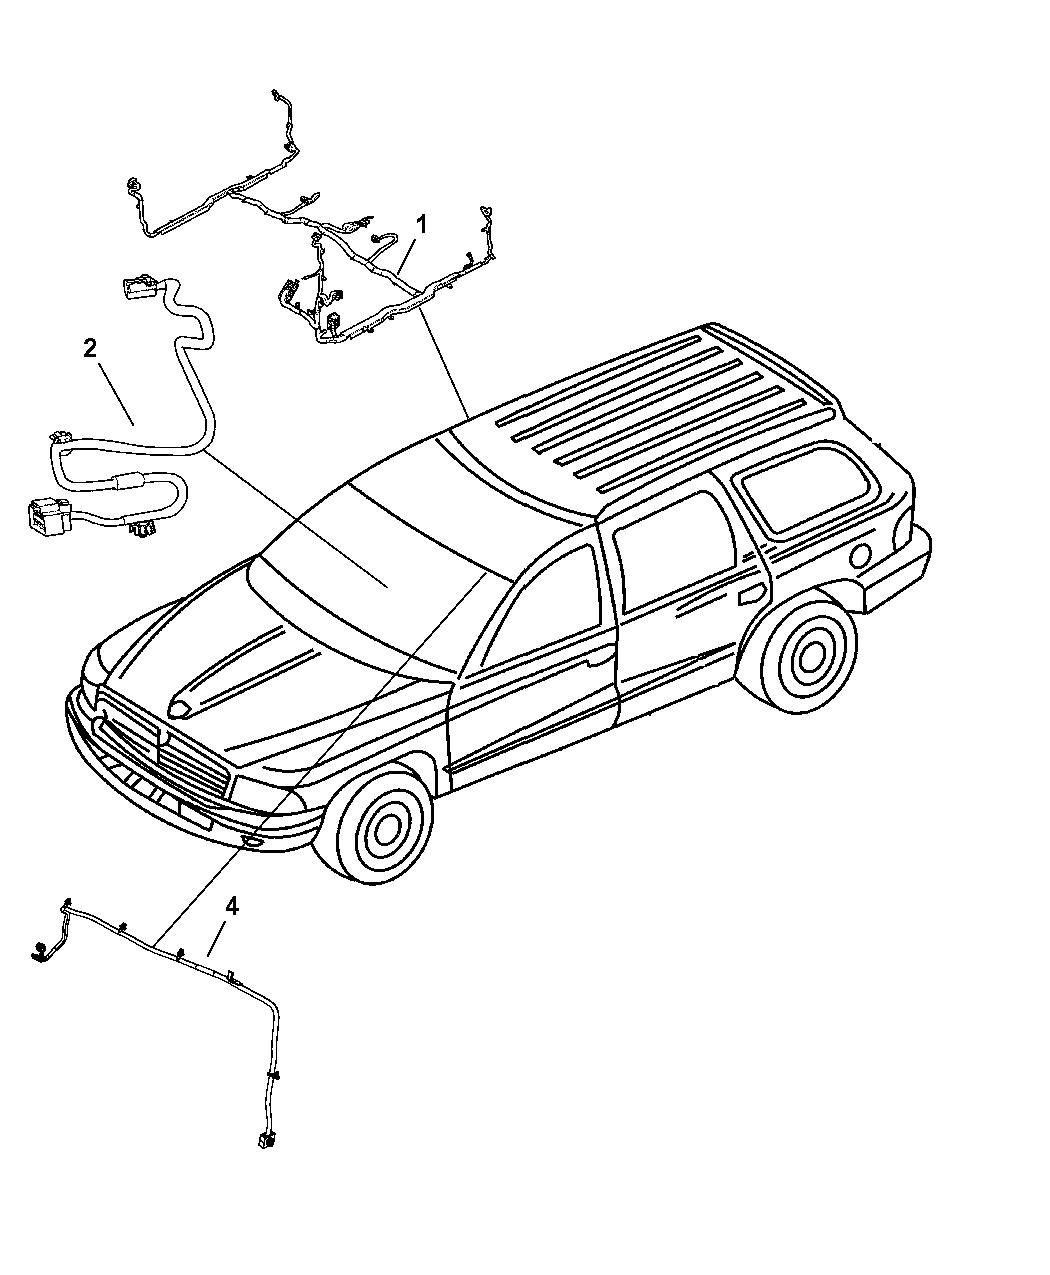 2008 Chrysler Aspen Wiring Body